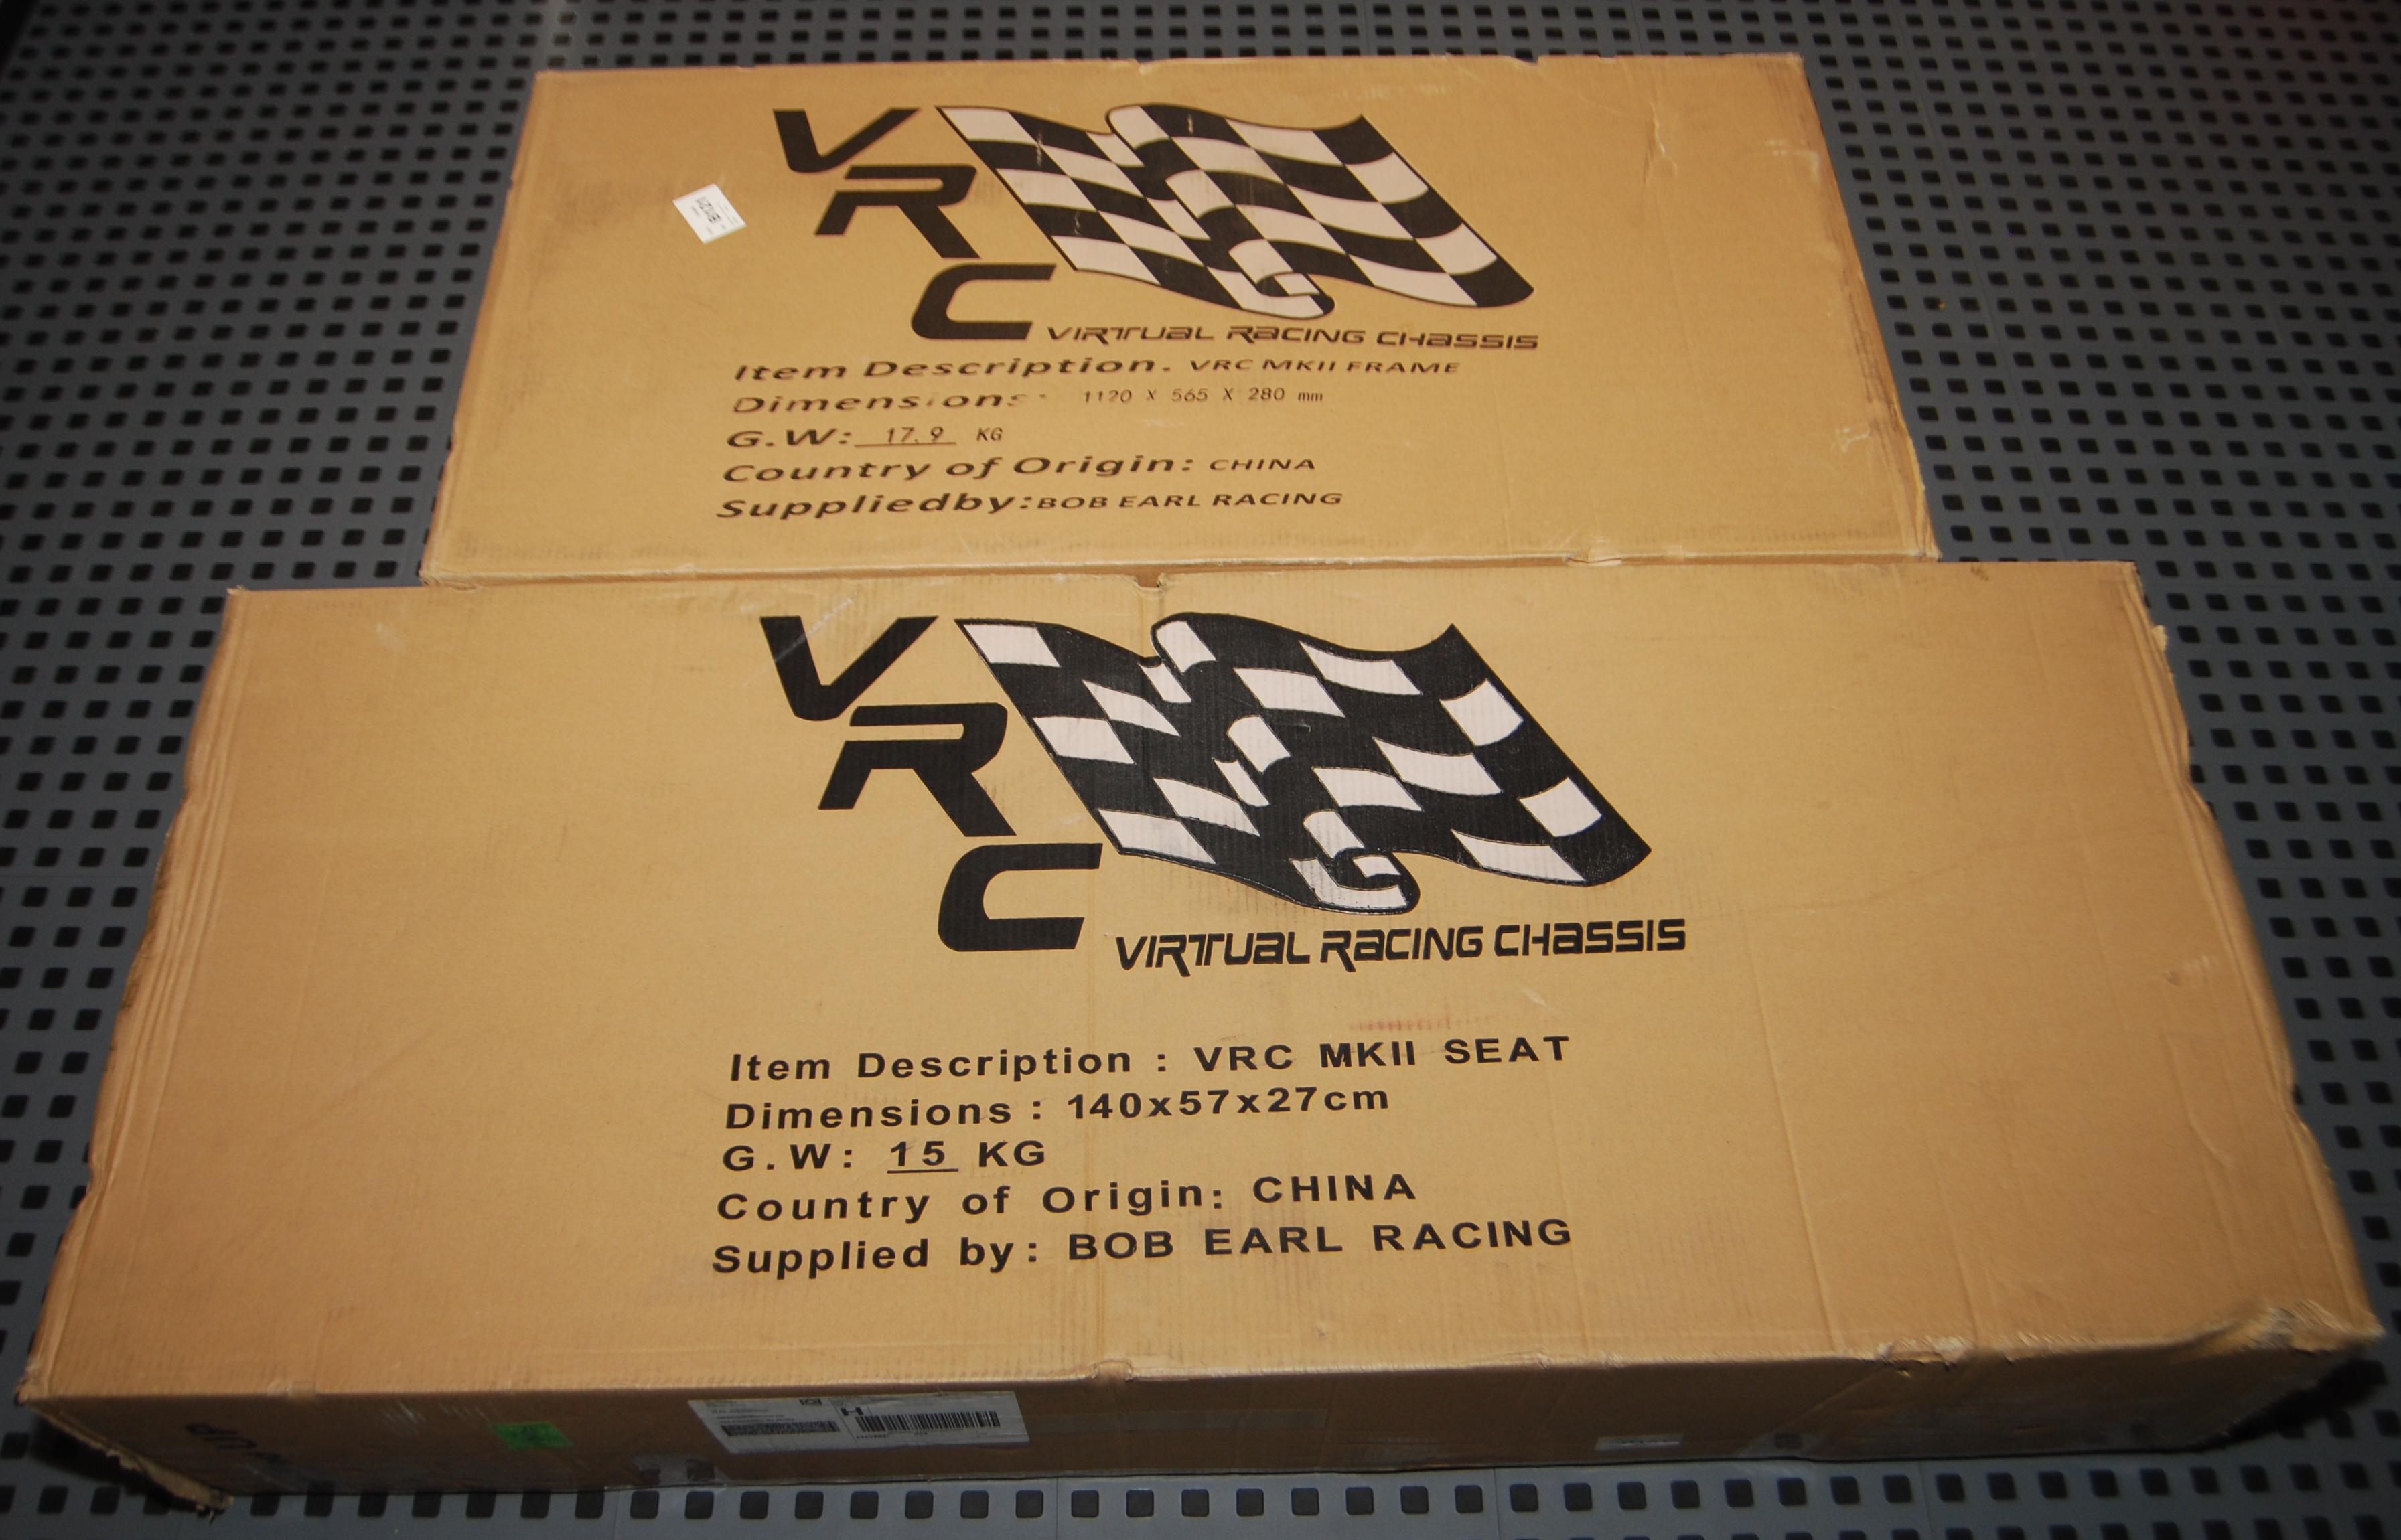 VRC-MKII-02